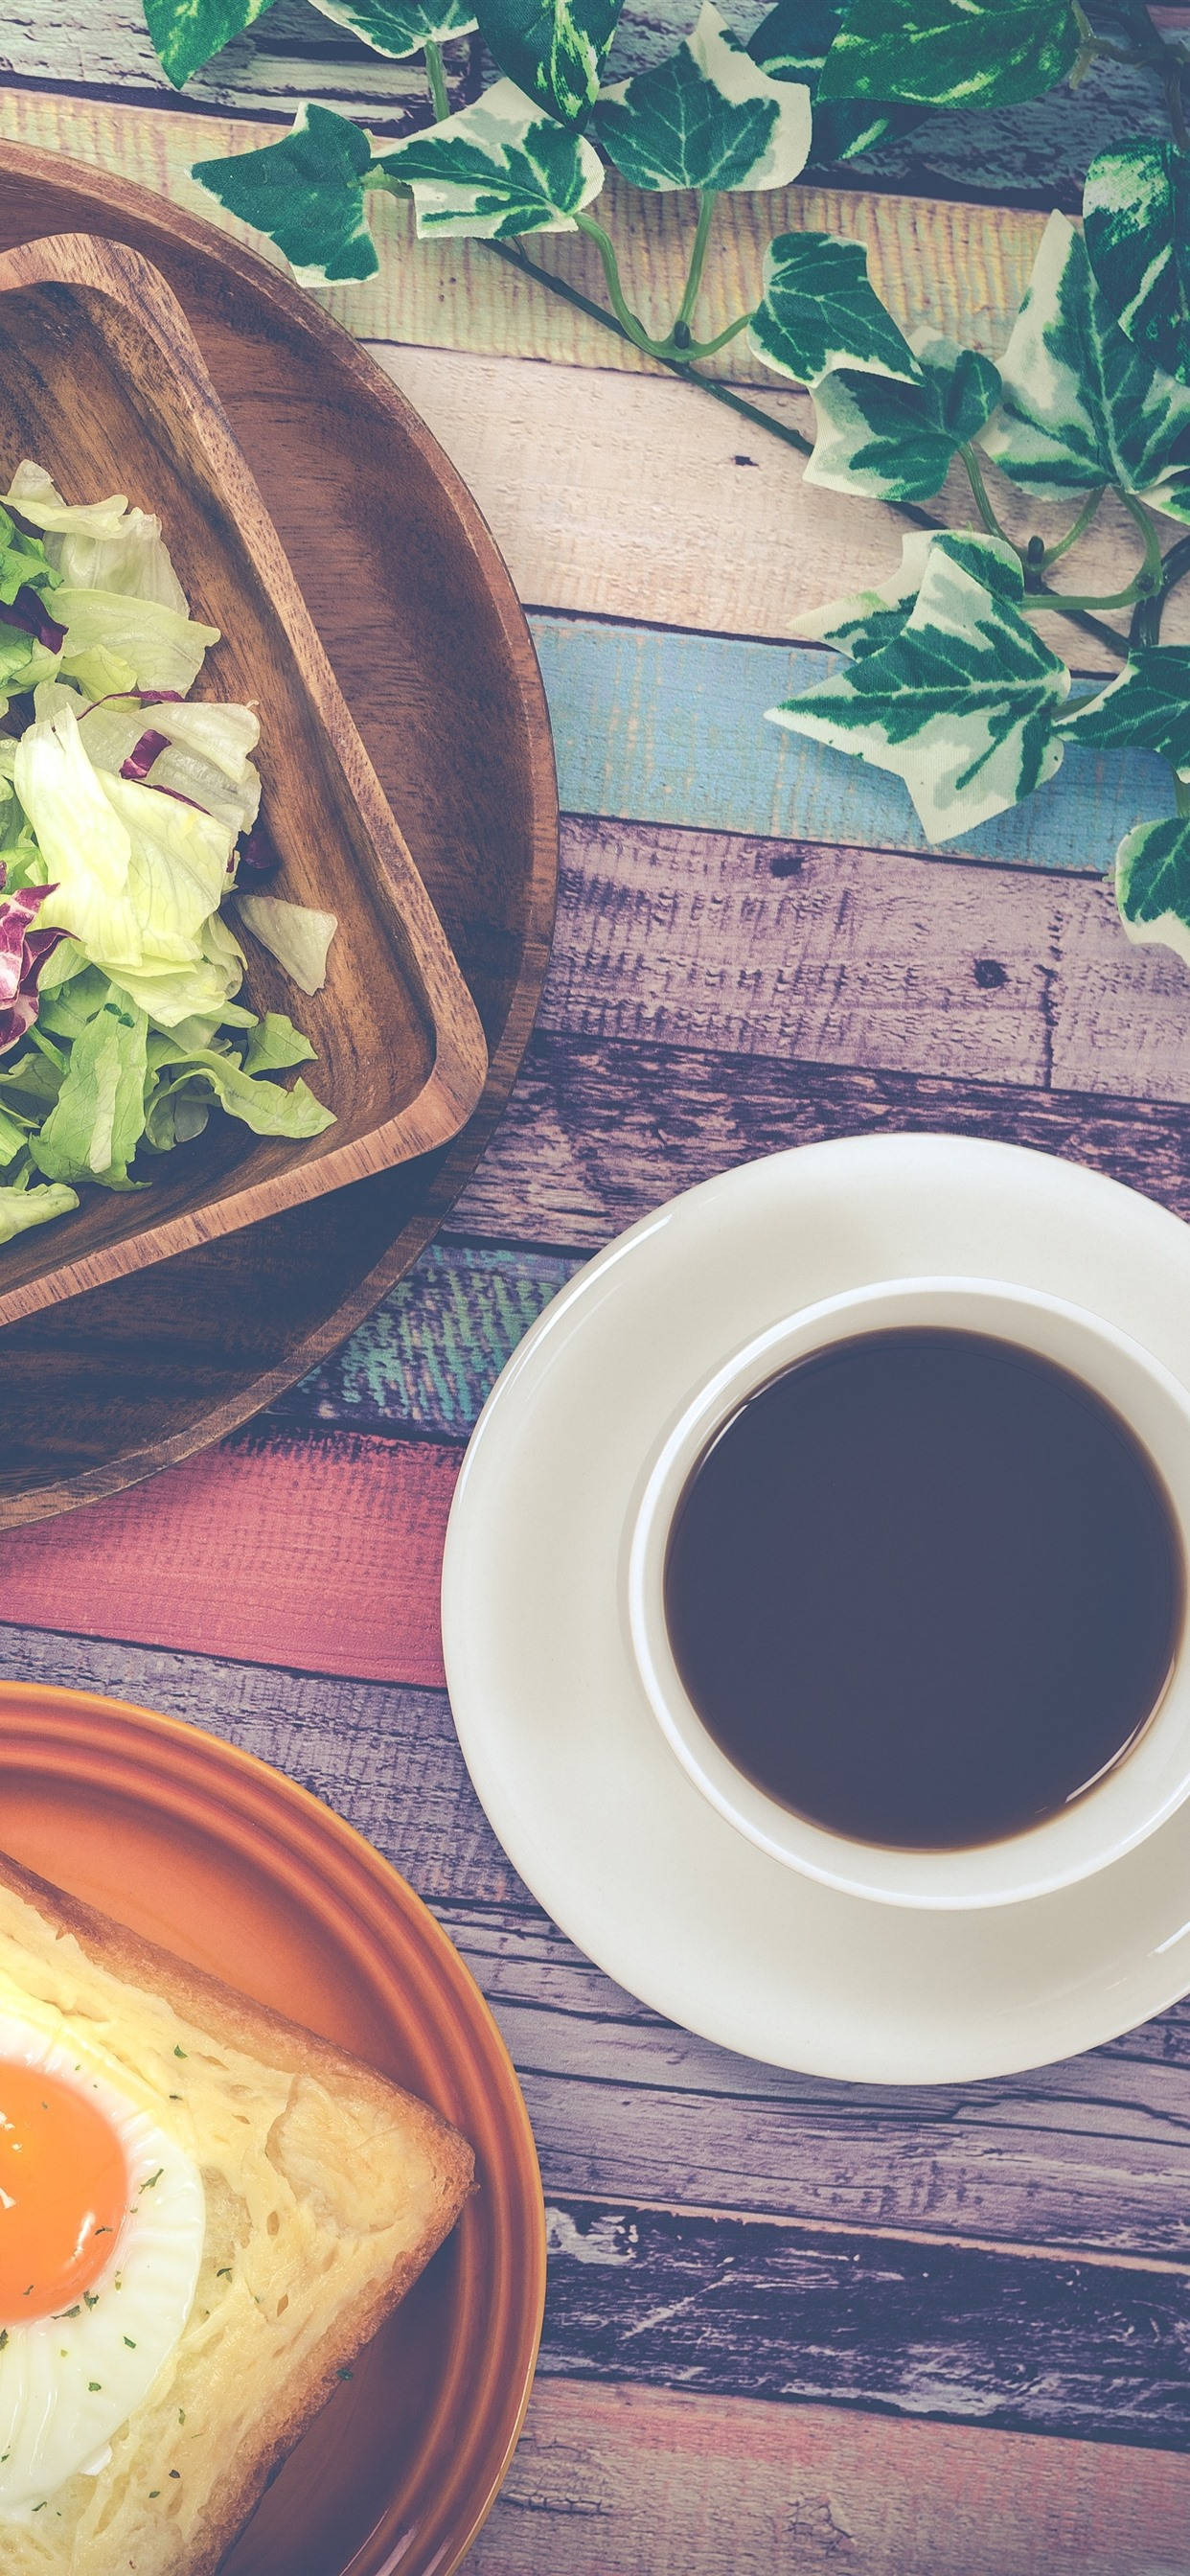 朝食 パン コーヒー キャベツ 1242x2688 Iphone 11 Pro Xs Max 壁紙